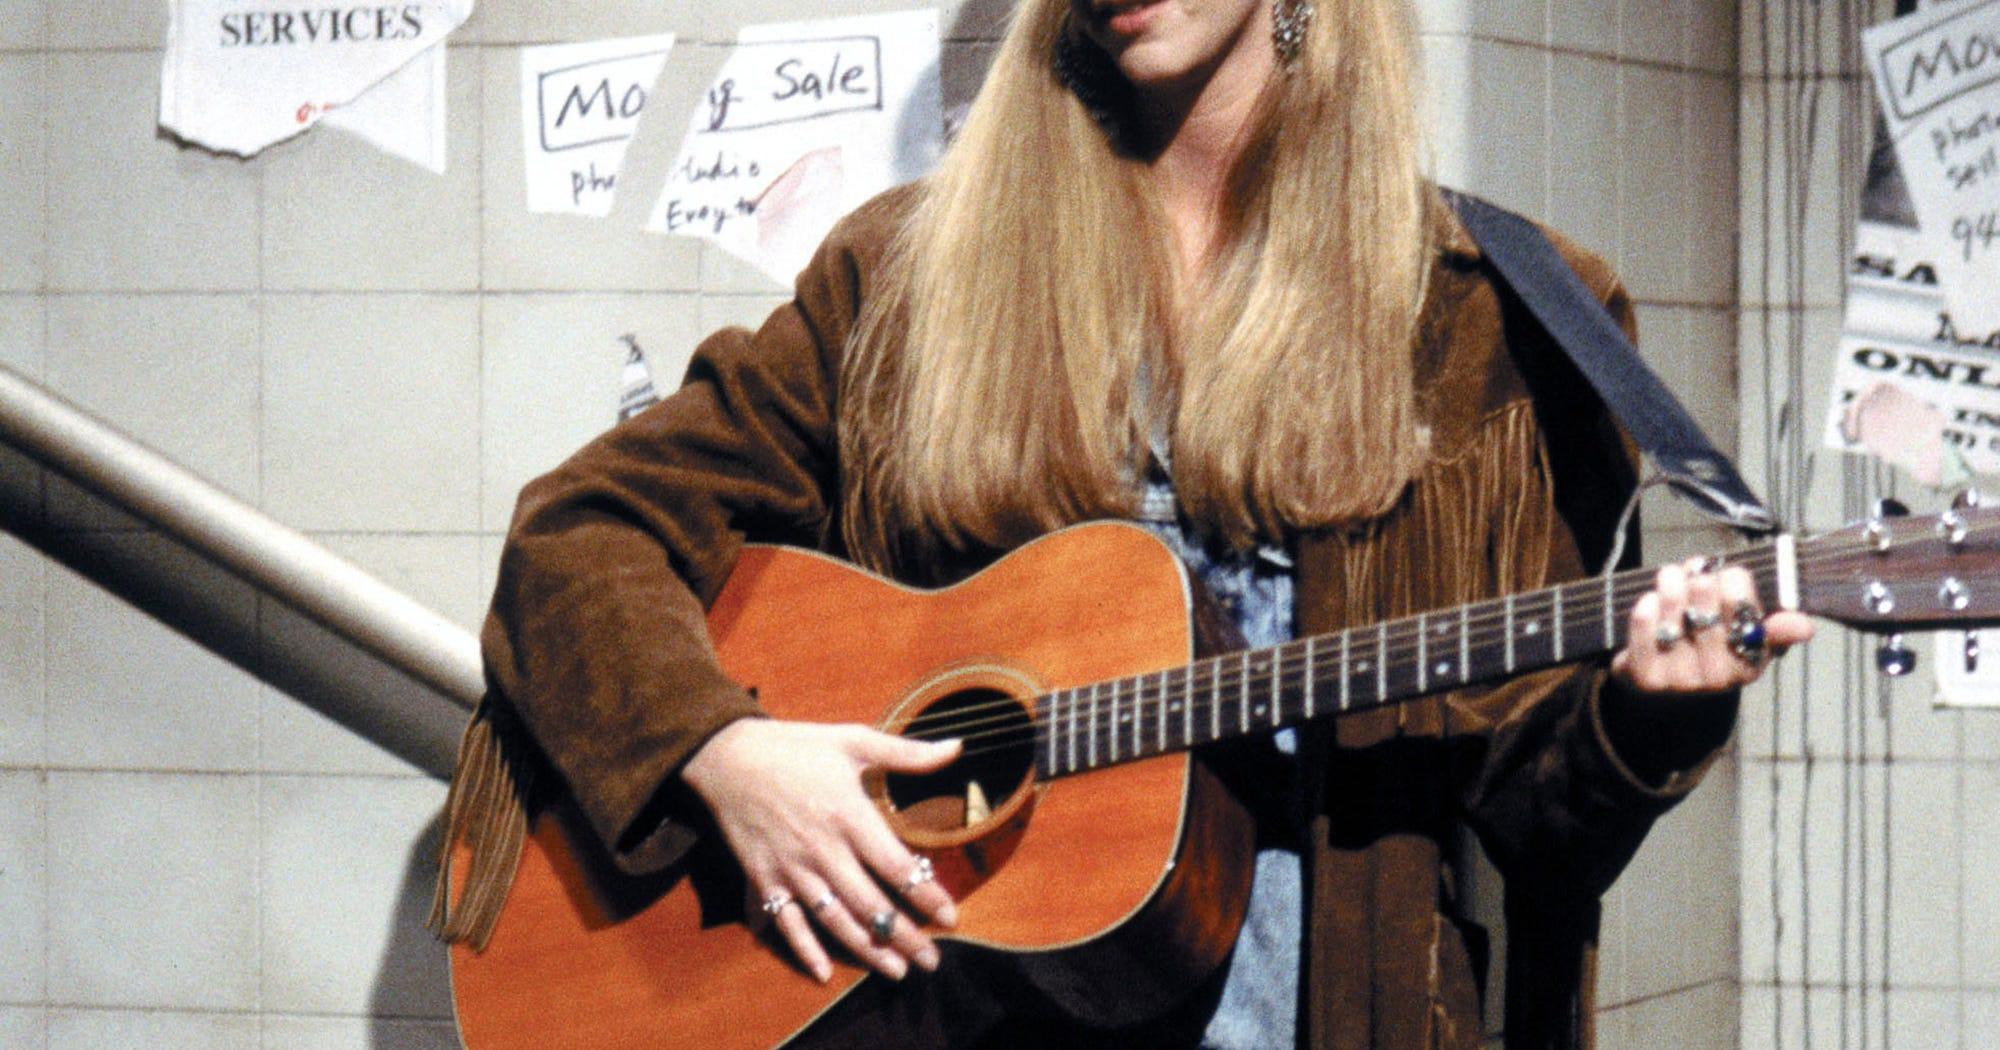 Die Friends-Macherin findet diese finstere Phoebe-Theorie genauso gruselig wie du